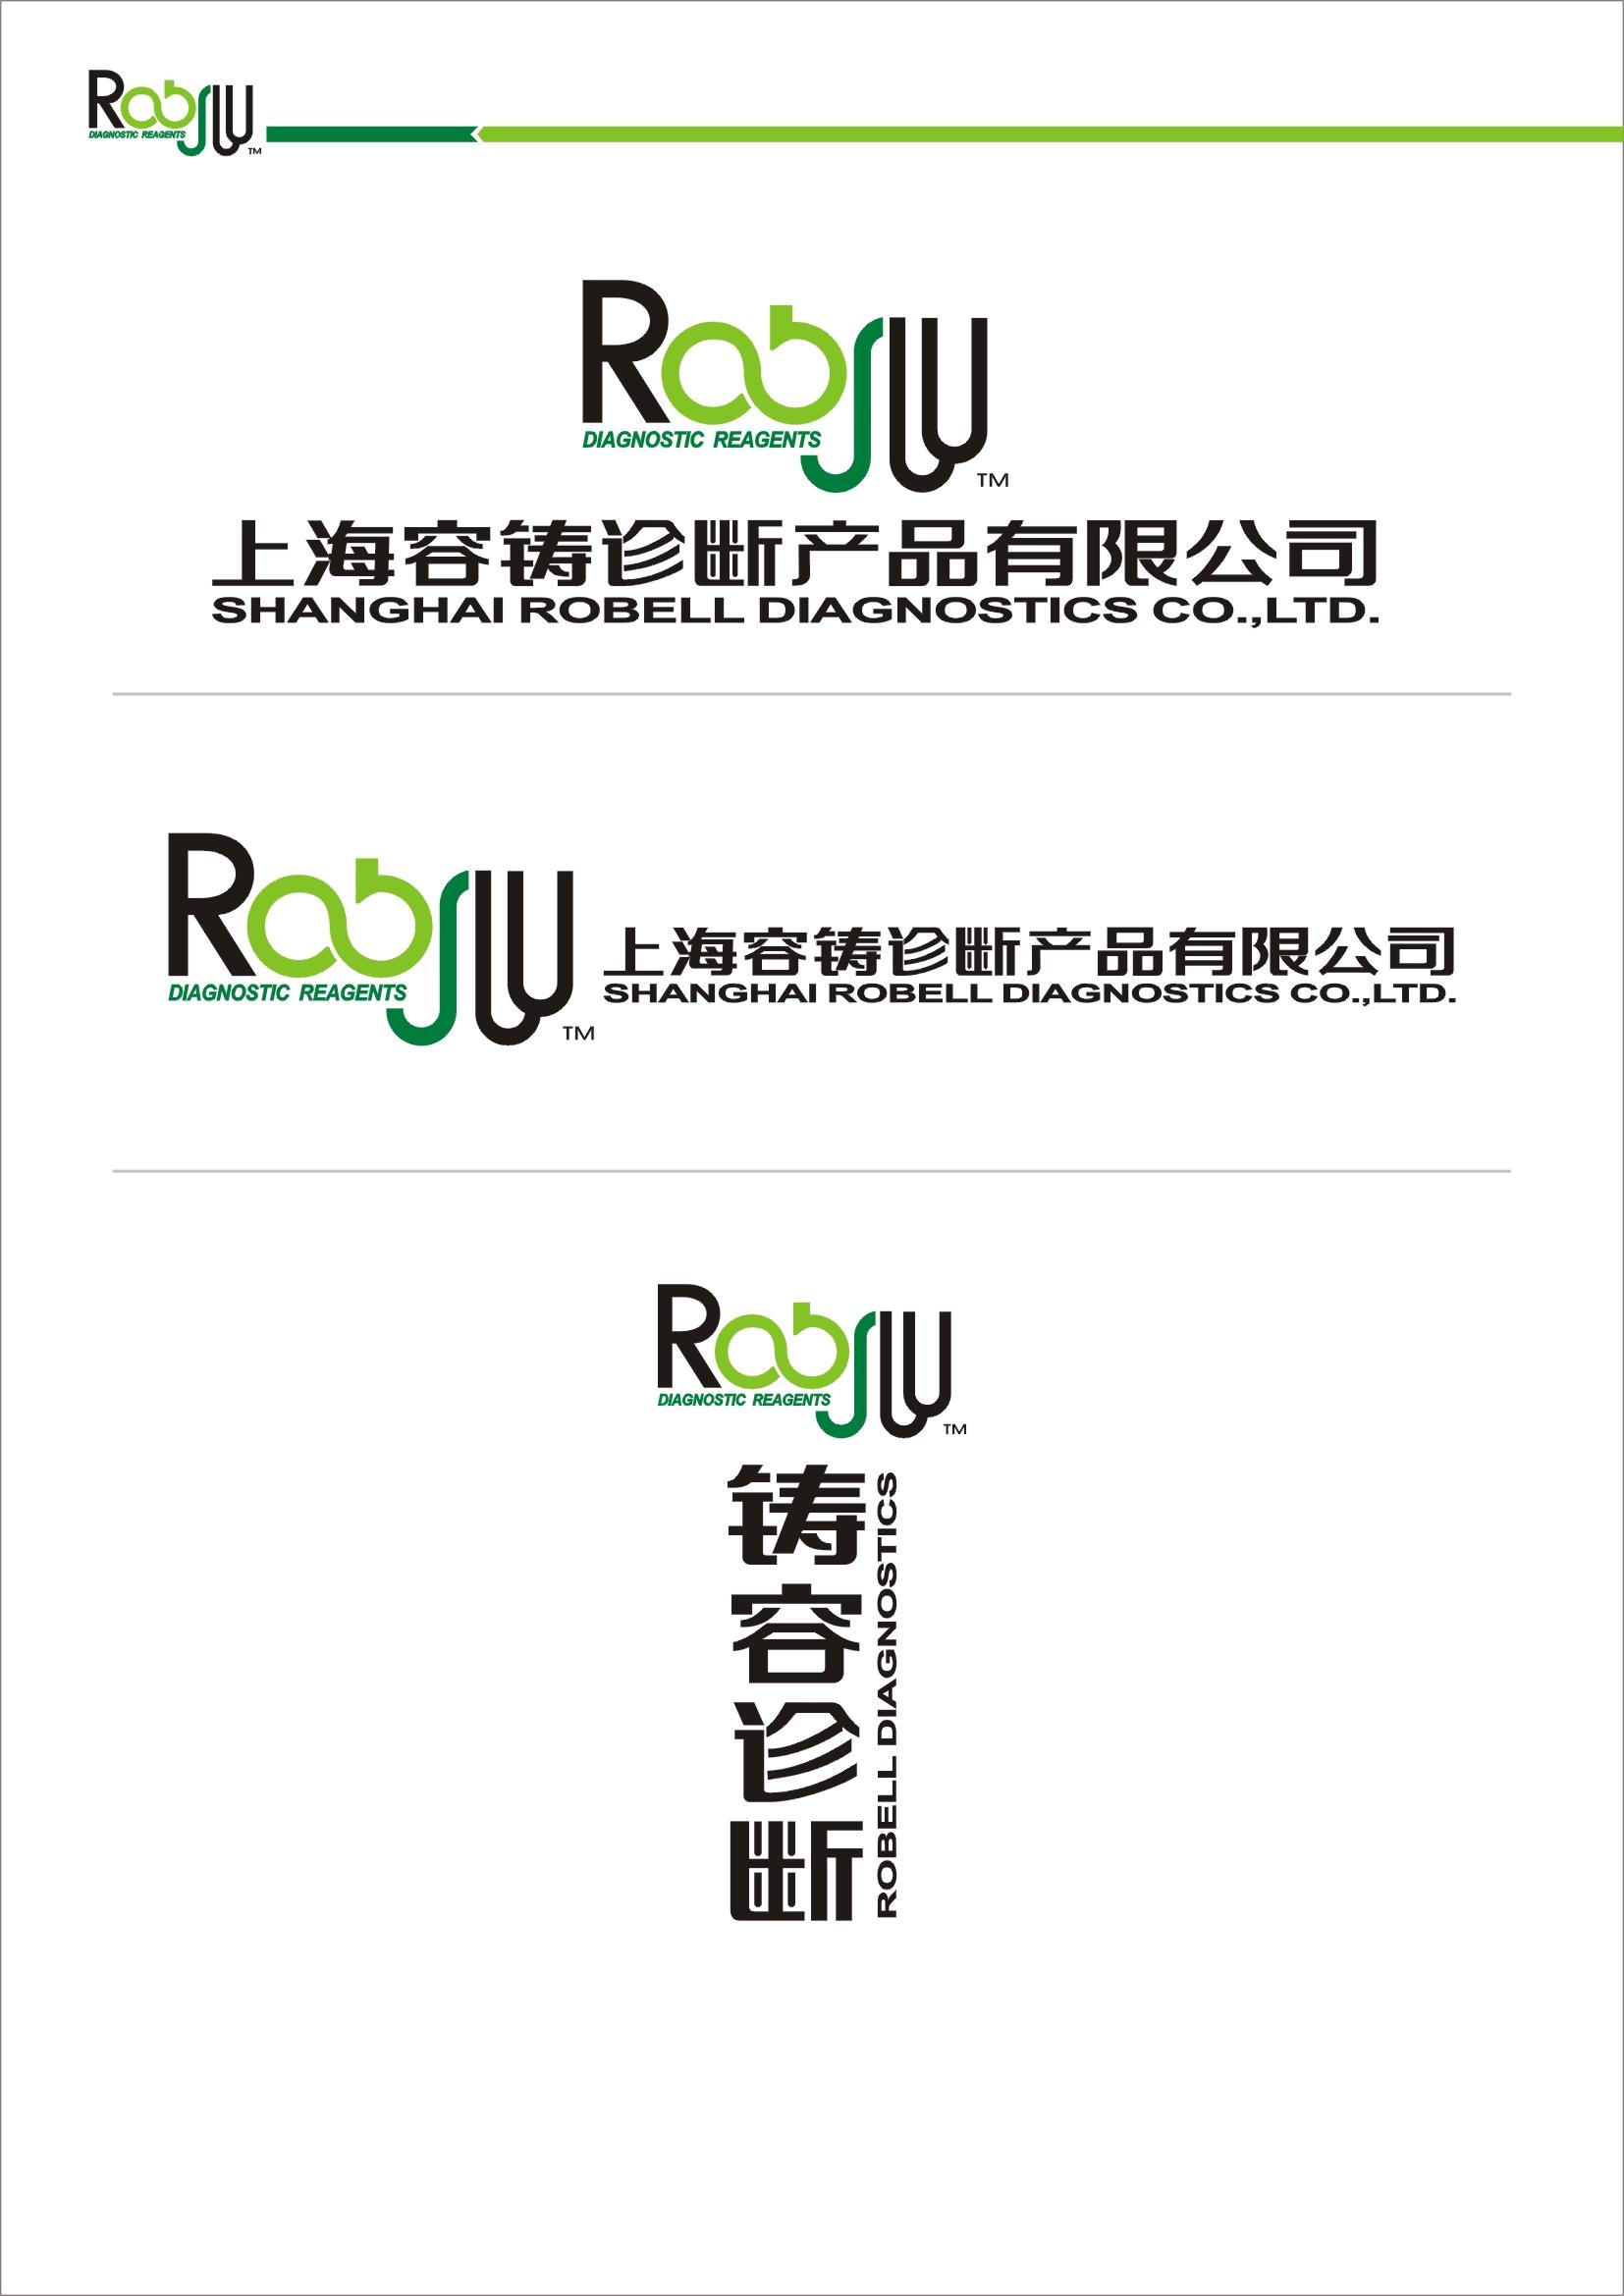 容铸诊断logo及其中英文字体组合等设计_391047_k68威客网